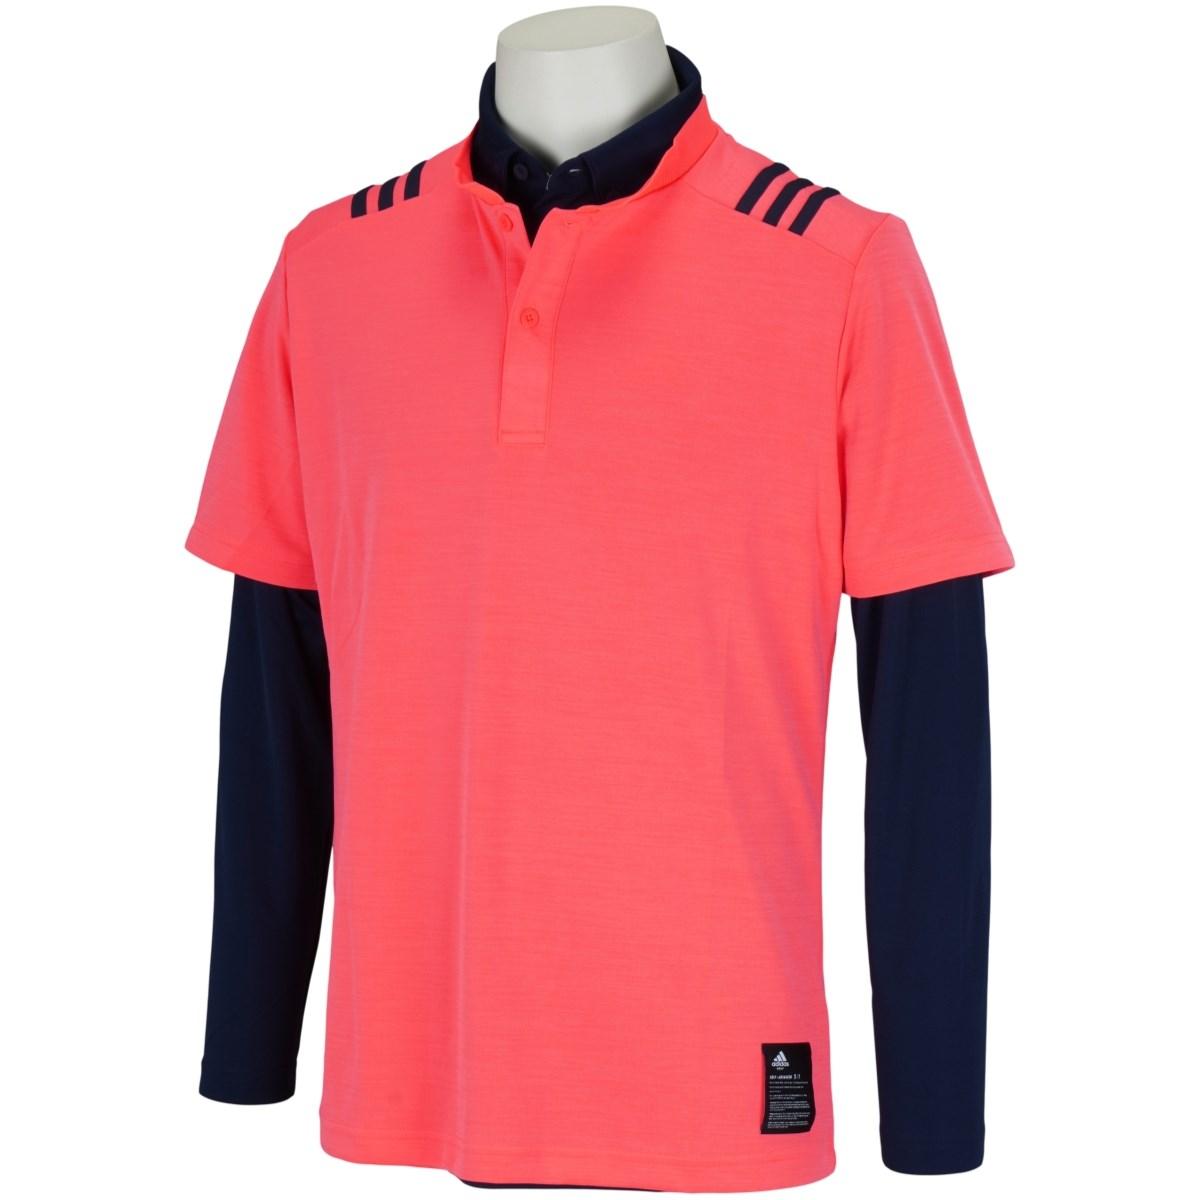 アディダス Adidas スリーストライプス レイヤードストレッチ半袖スタンドカラーシャツ J/S シグナルピンク/カレッジネイビー